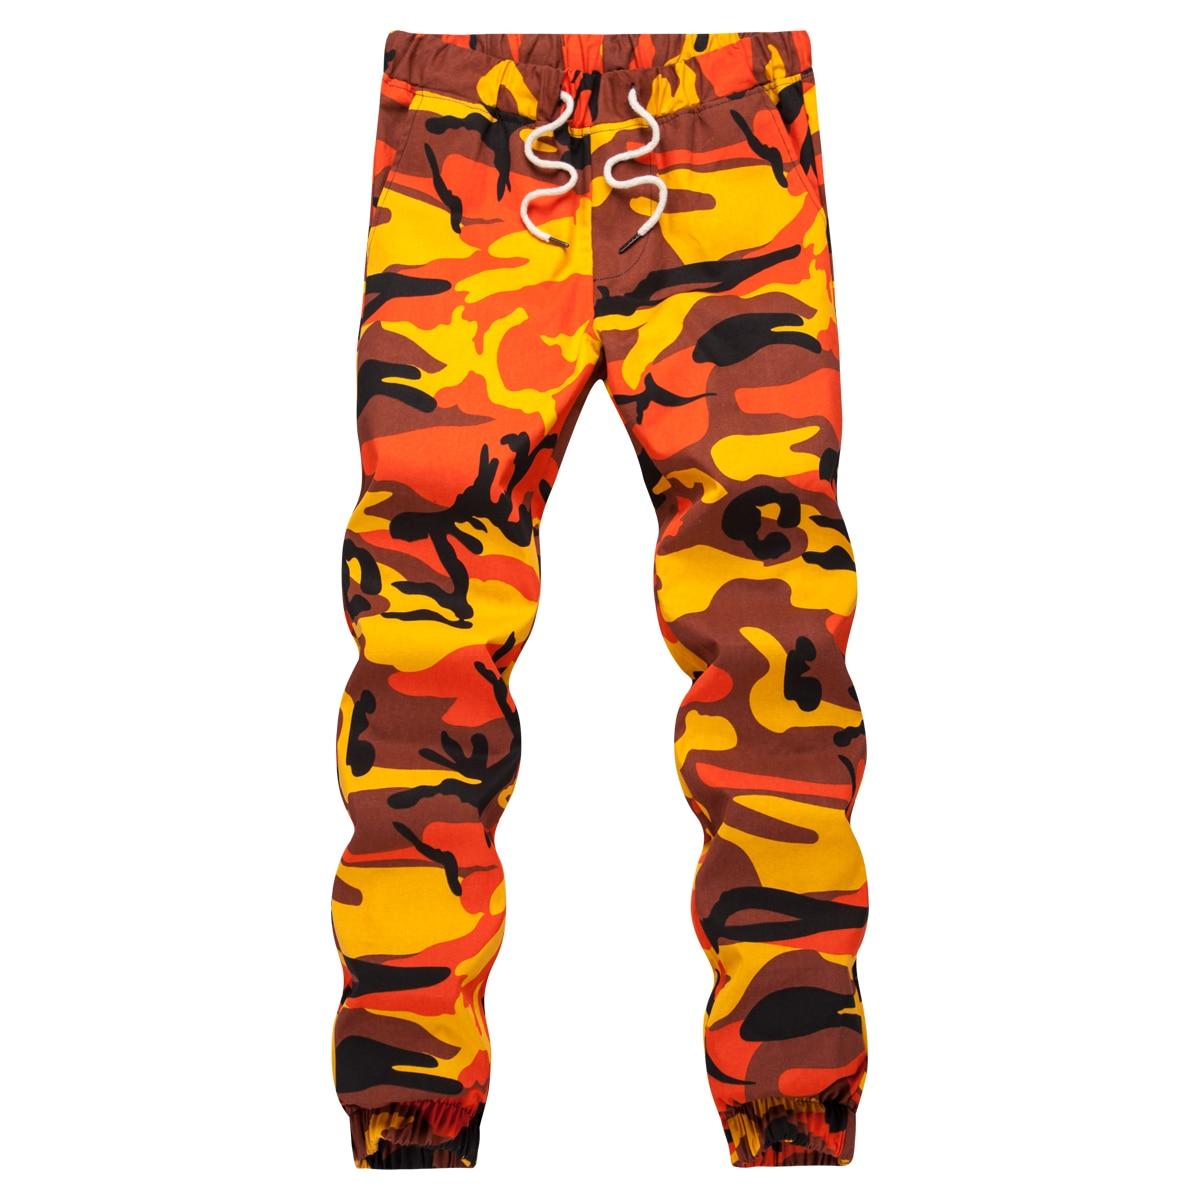 Ins Orange камуфляжные брюки тренировочные брюки для девочек для мужчин хип хоп тканые повседневные штаны Тактический военная Униформа брюк карманы хлопок 2019